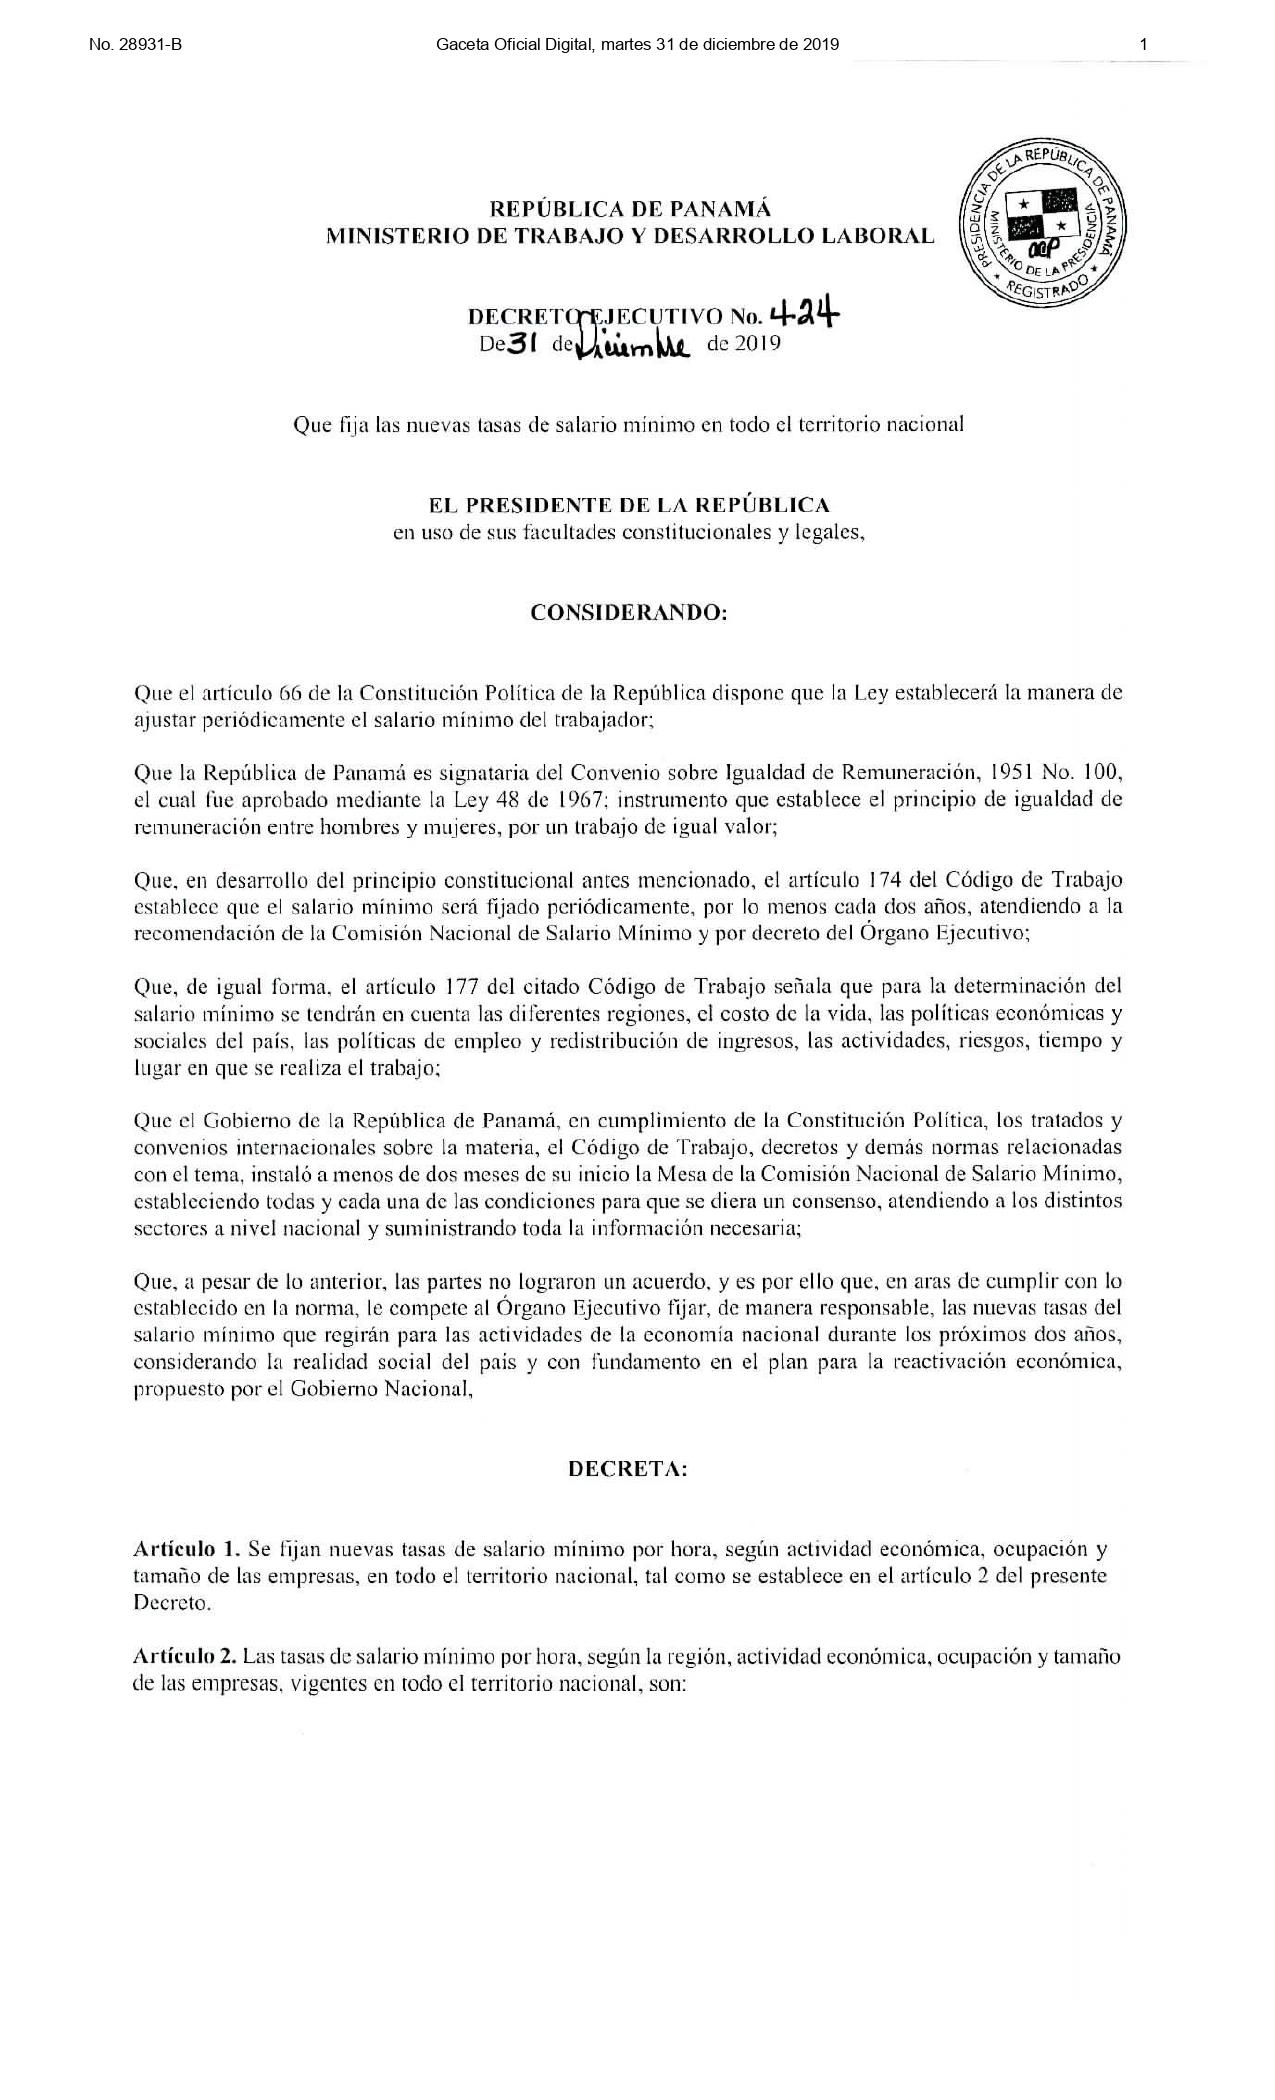 Decreto Ejecutivo No. 424 Salario Mýýnimo_page-0001